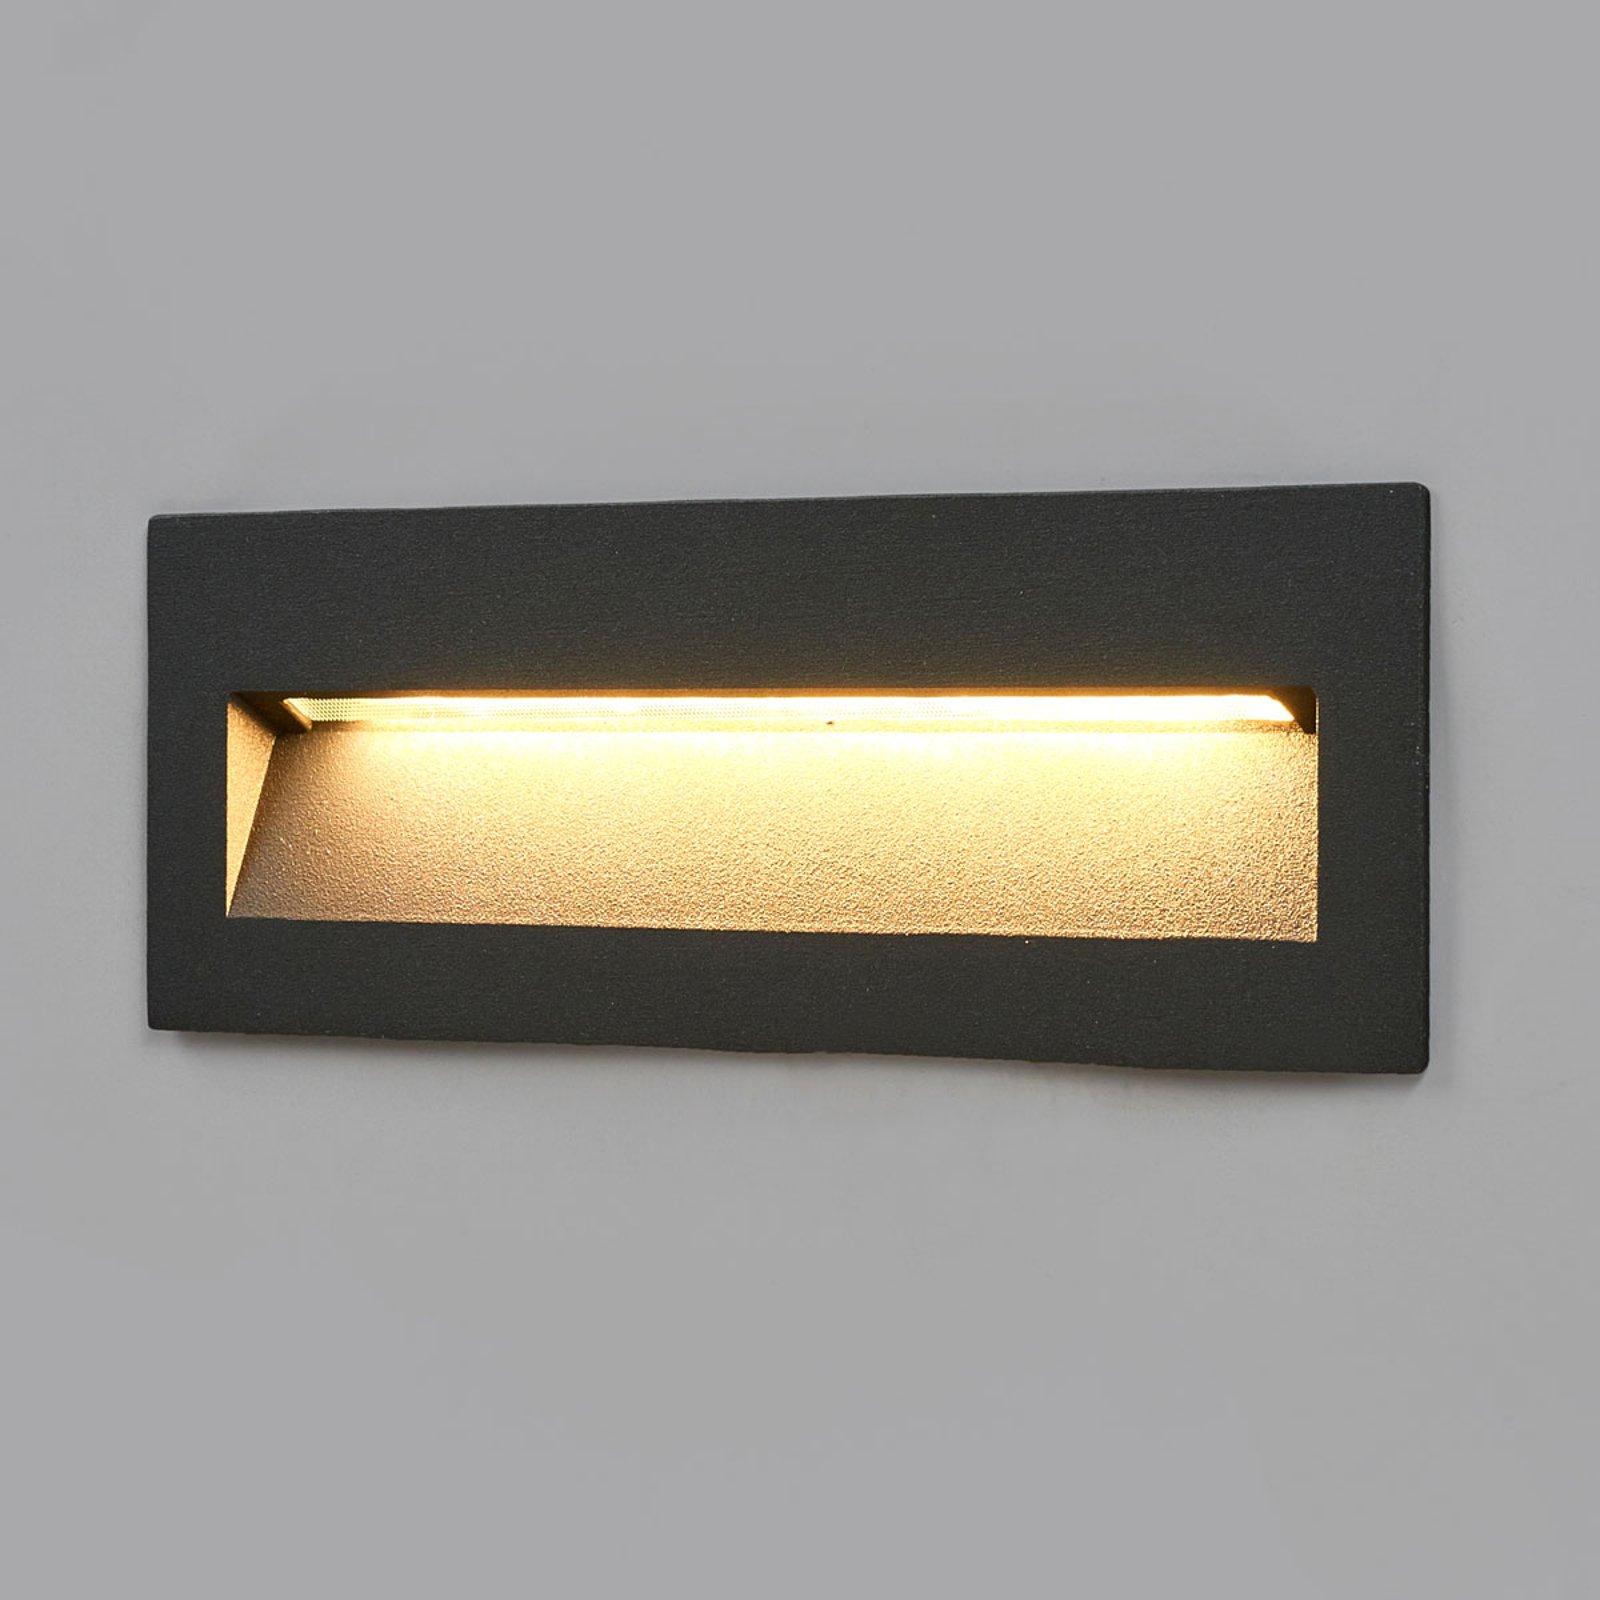 Loya mørk utendørs LED vegglampe for innfelling